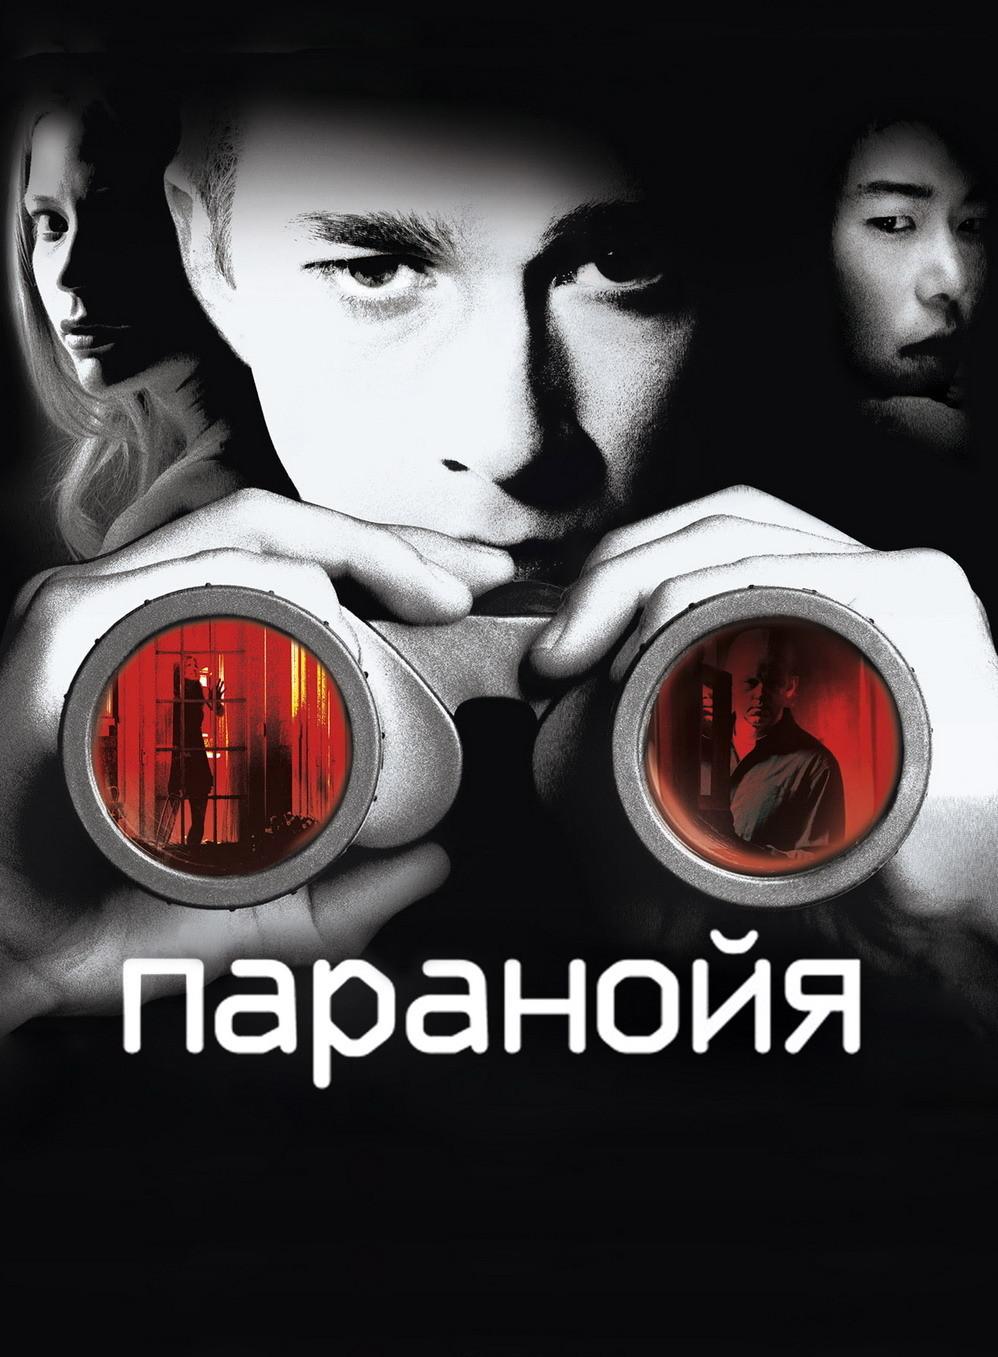 Паранойя (Disturbia, 2007) новые фото